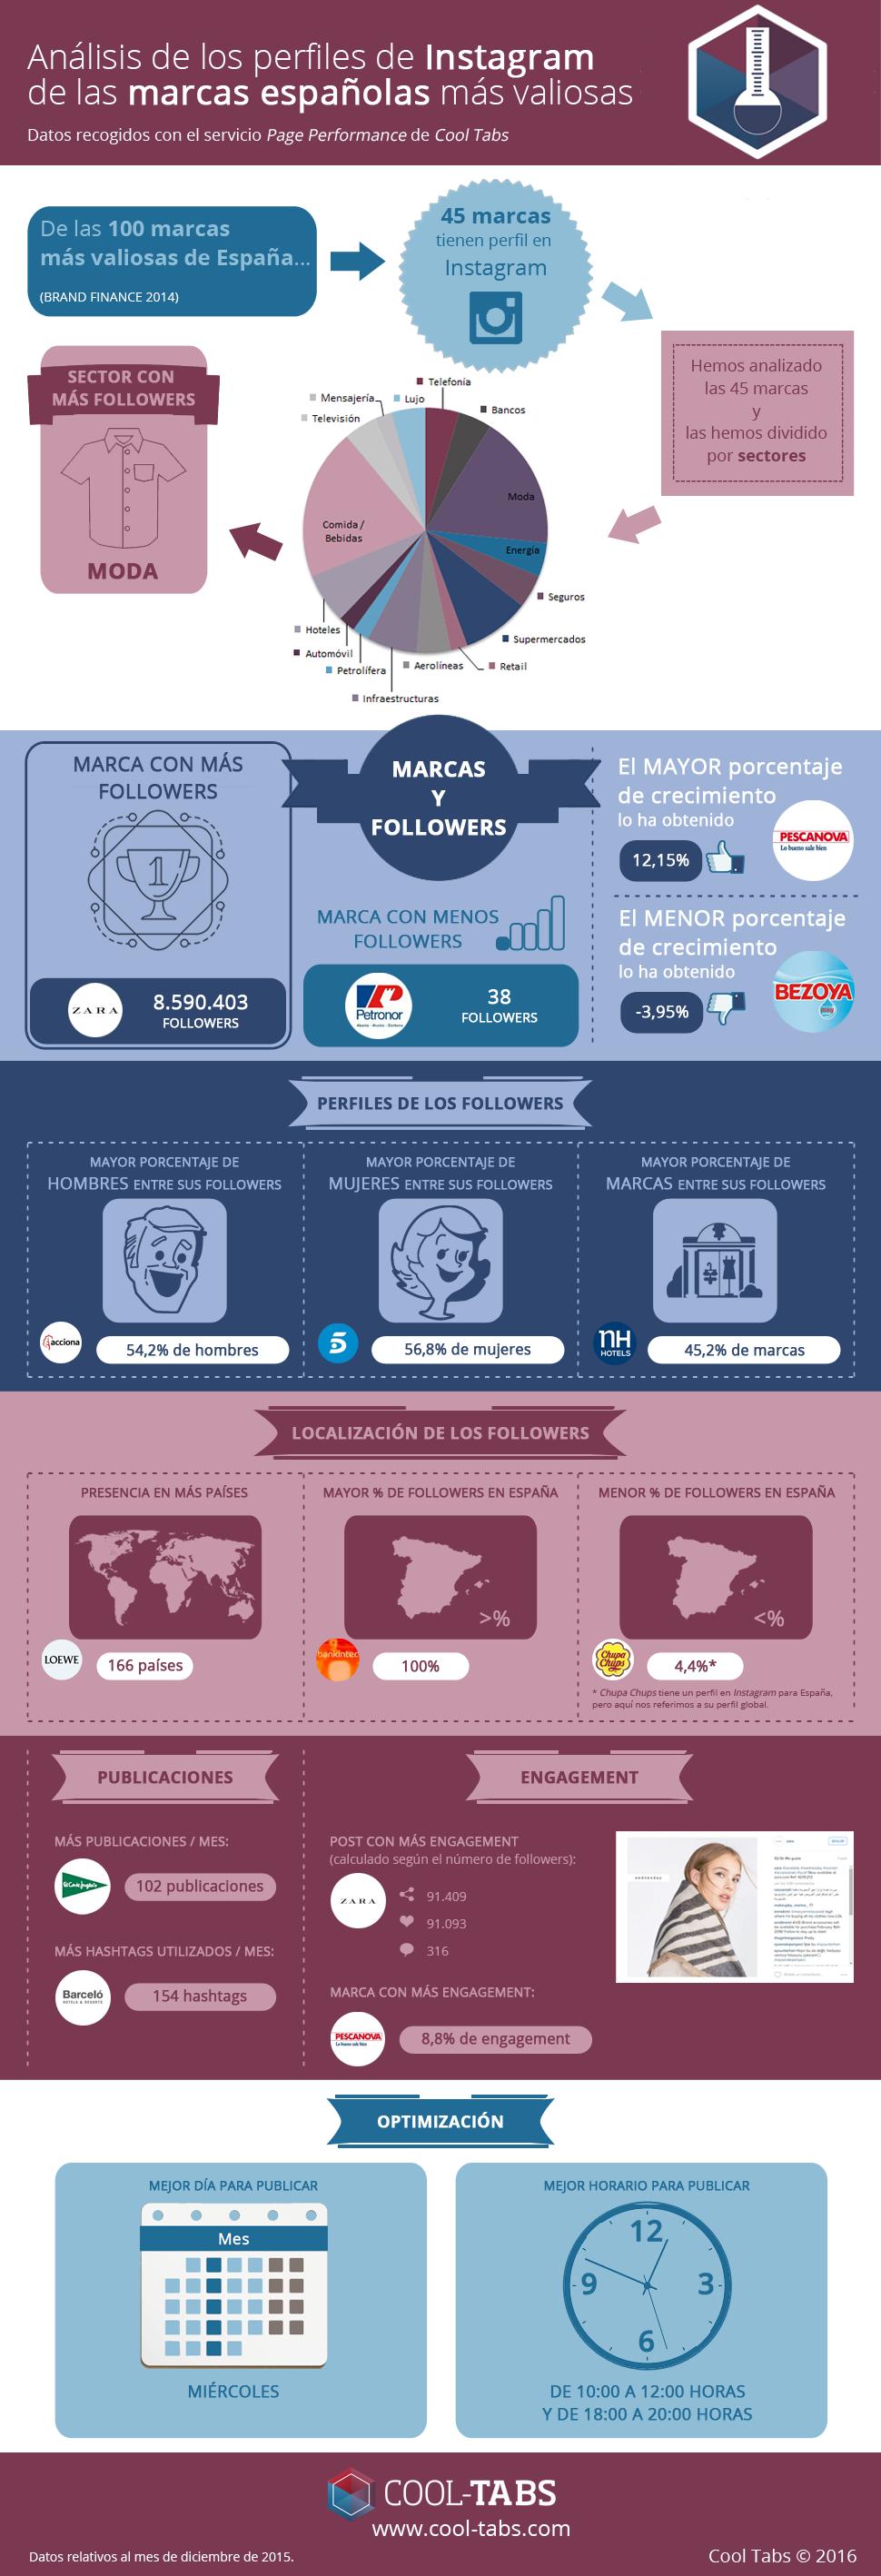 Infografía: Análisis de los perfiles de Instagram de las marcas españolas más valiosas